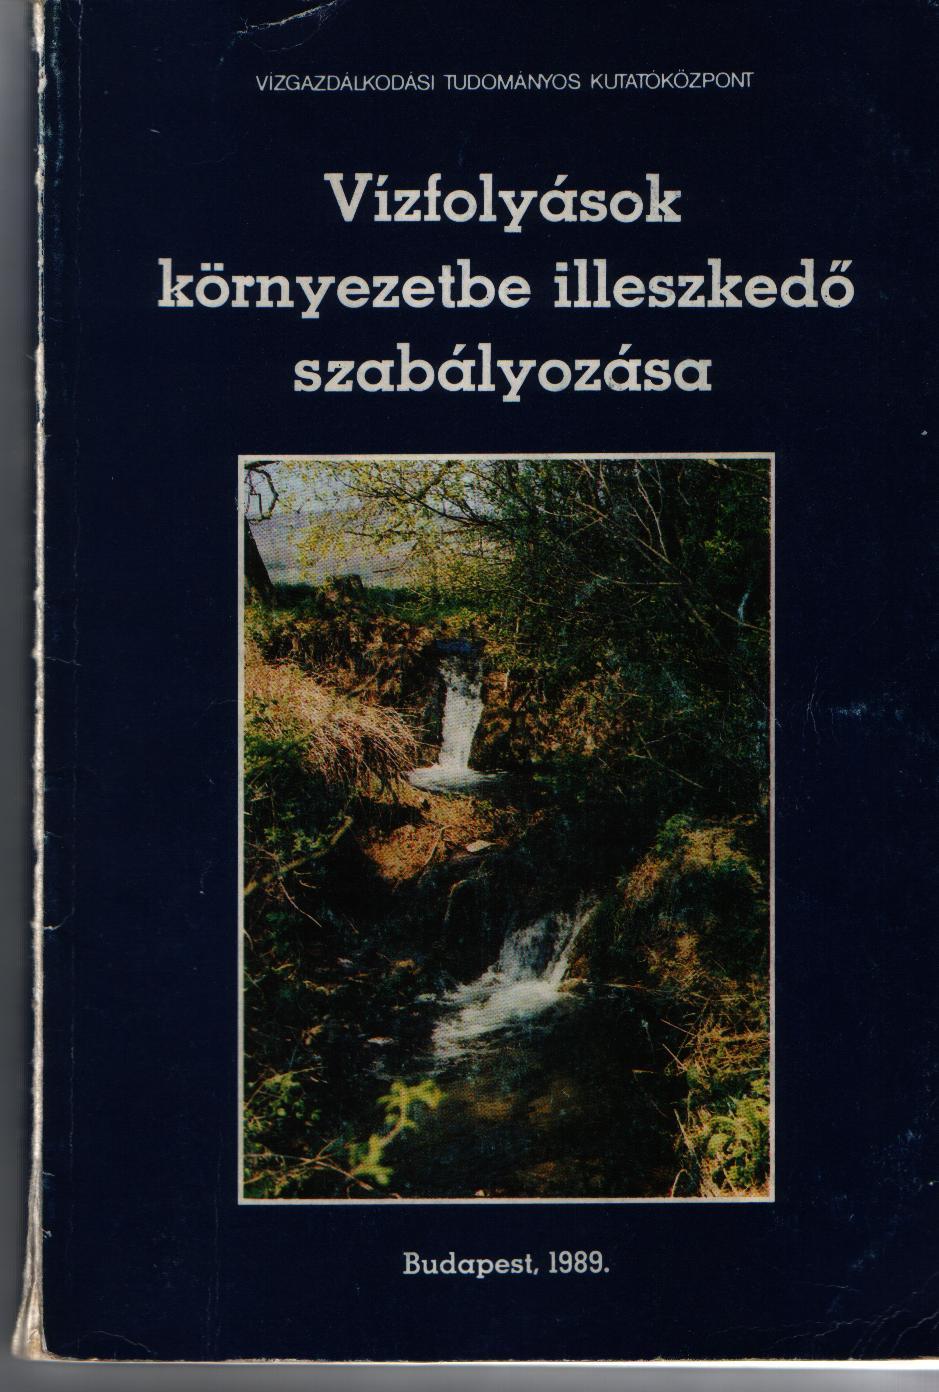 A Dr. Bognár György szerkesztette, agyonhallgatott Vízfolyások környezetbe illeszkedő szabályozása (VITUKI, 1987) c. alapmunka borítólapja